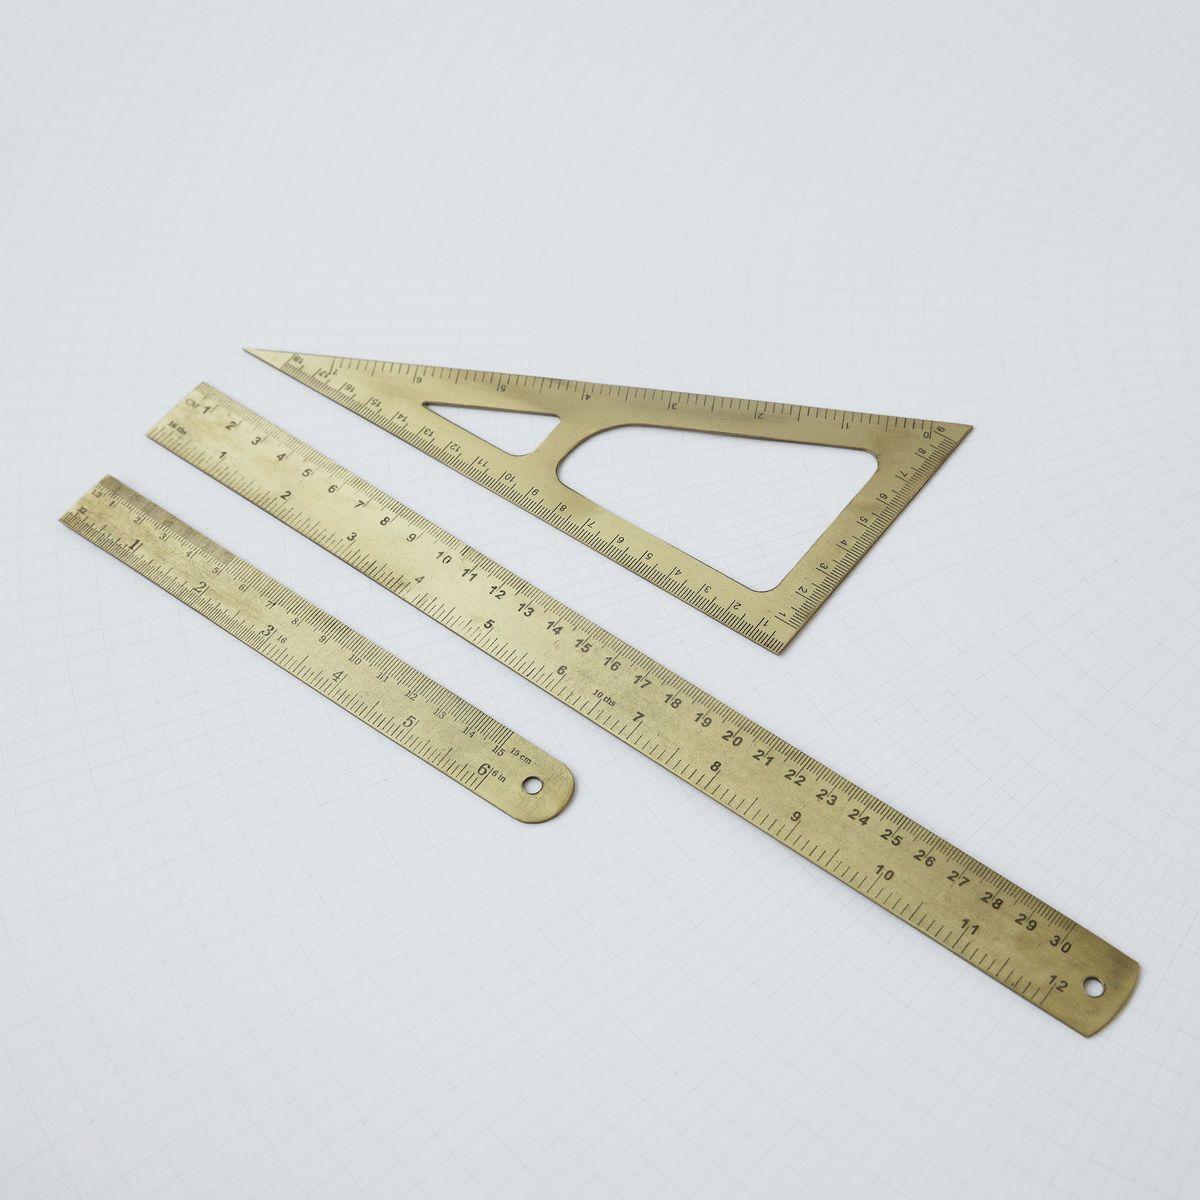 Triangle Linjal, Mässing Monograph (met afbeeldingen